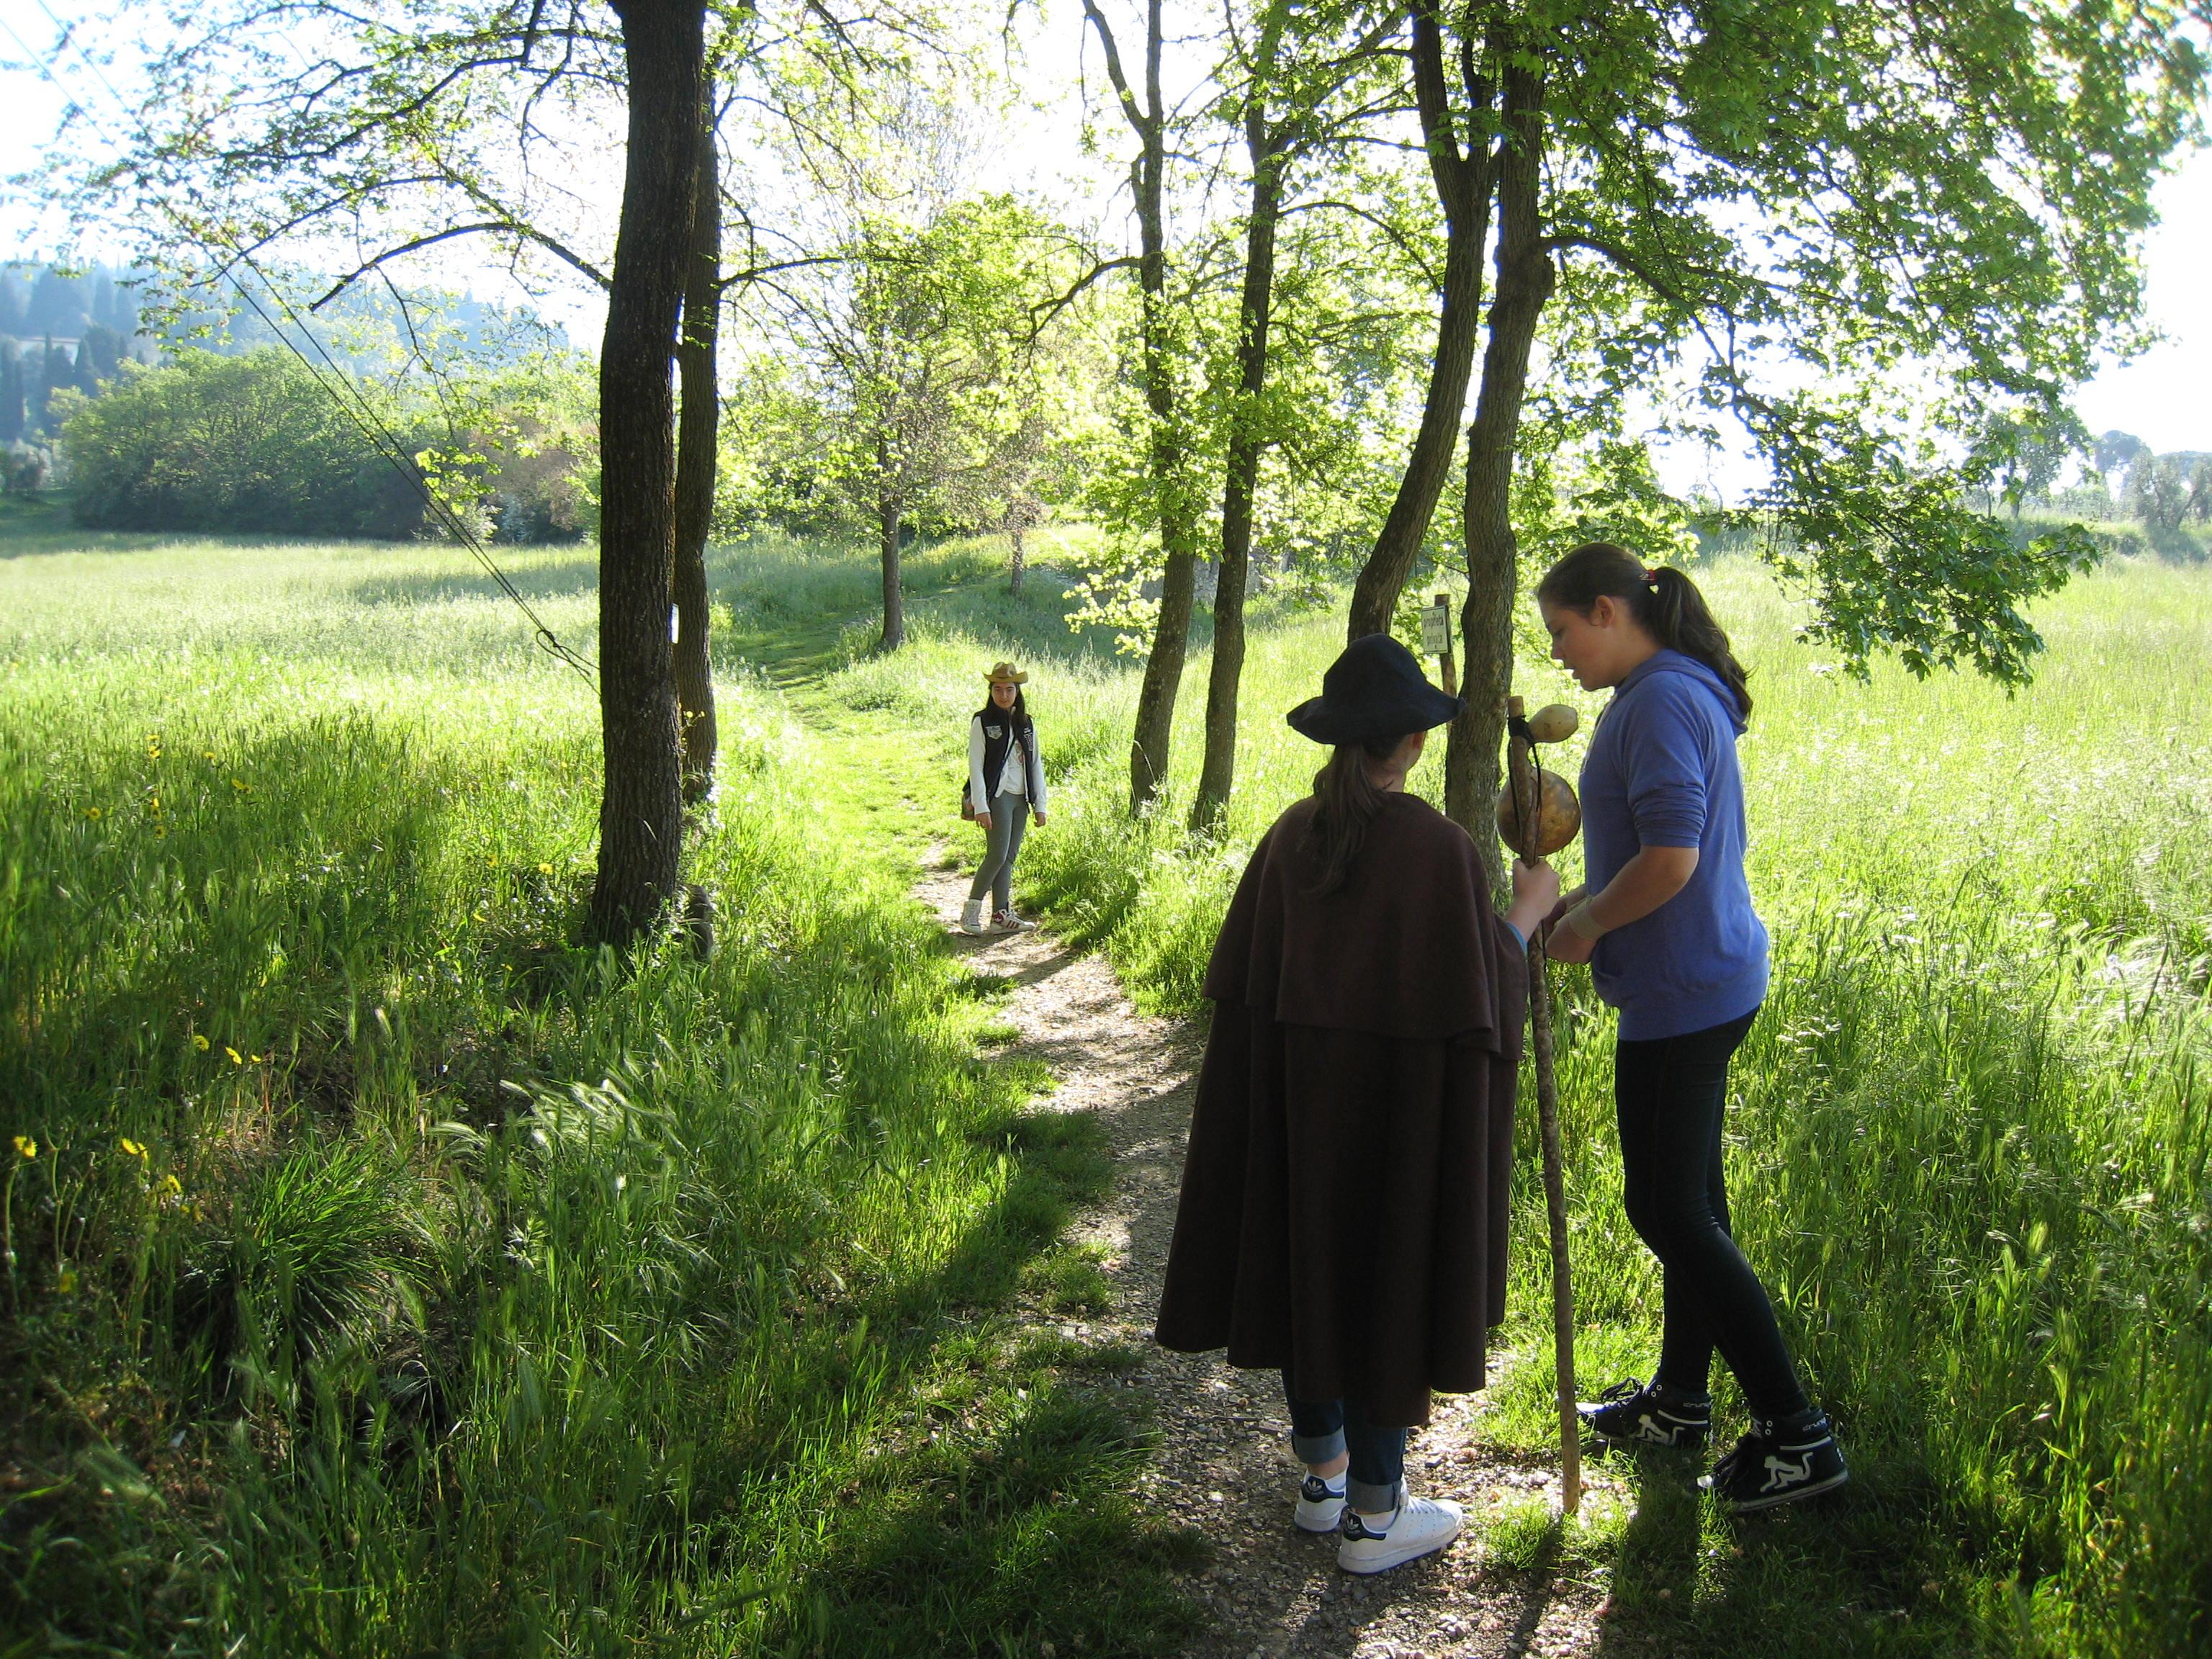 Sui passi del pellegrino: l'esperienza del cammino